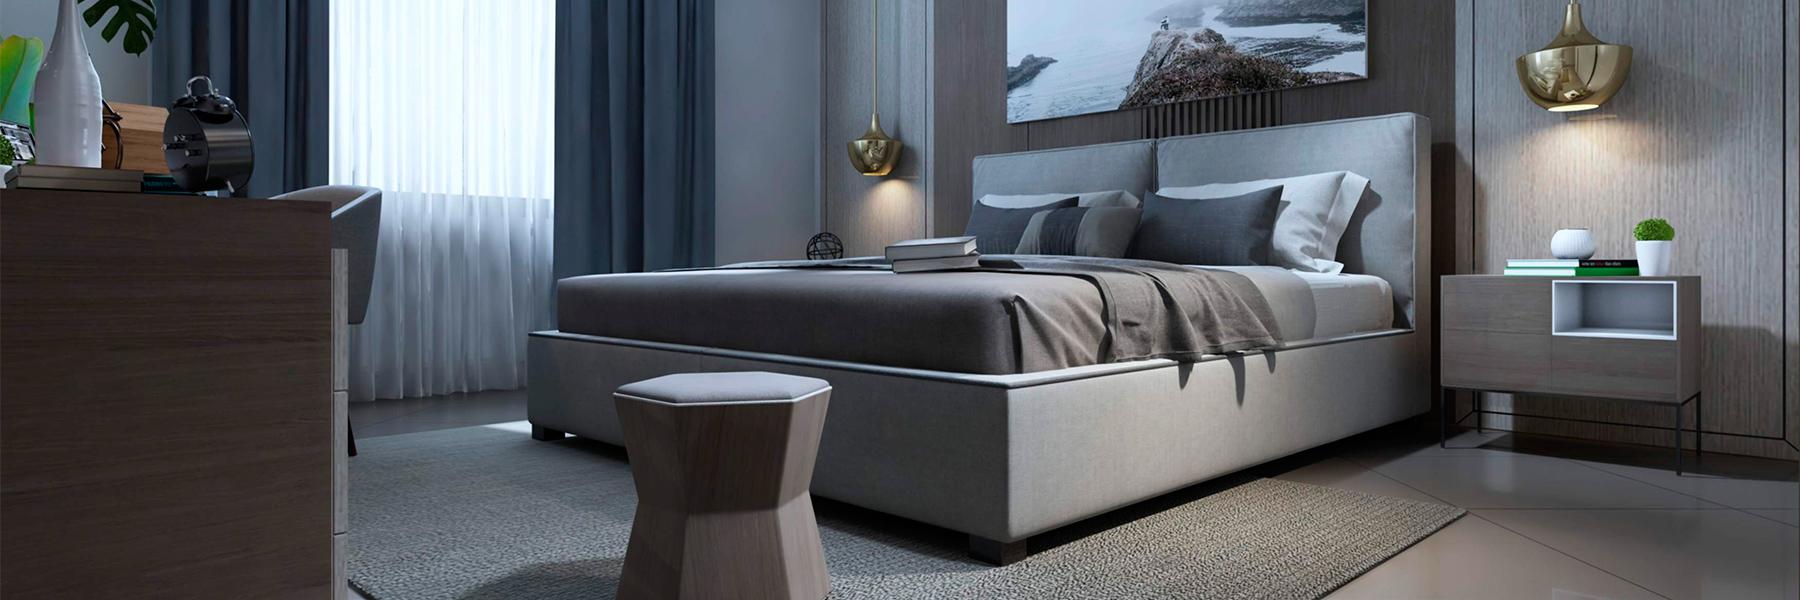 Dormitorios.top